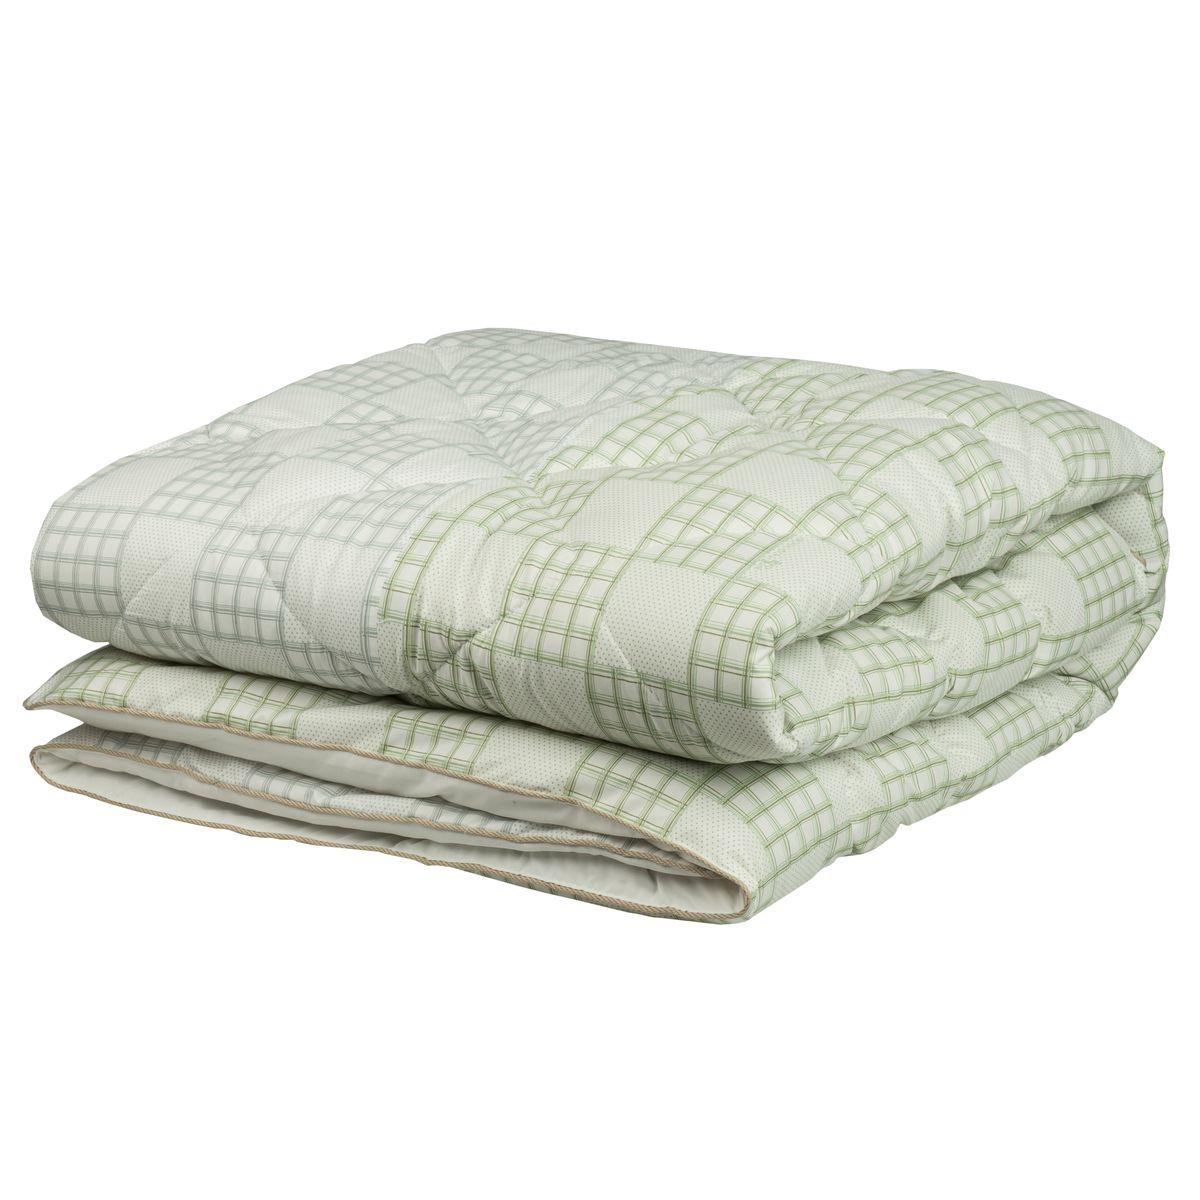 Одеяло Mona Liza Chalet Climat Control, цвет: серый, оливковый, 195 х 215 см531-103Одеяло Mona Liza Chalet Climat Control изготовлено из плотного тика, с отделочным кантом. Одновременно имеет две зоны температурного режима, поскольку наполнитель состоит из двух частей: одна половина изделия более теплая, содержит волокна натуральной шерсти, а вторая половина одеяла прохладная - так как наполнена натуральными растительными волокнами. Такое одеяло сделает спальное место уютным и подарит ощущение комфорта.